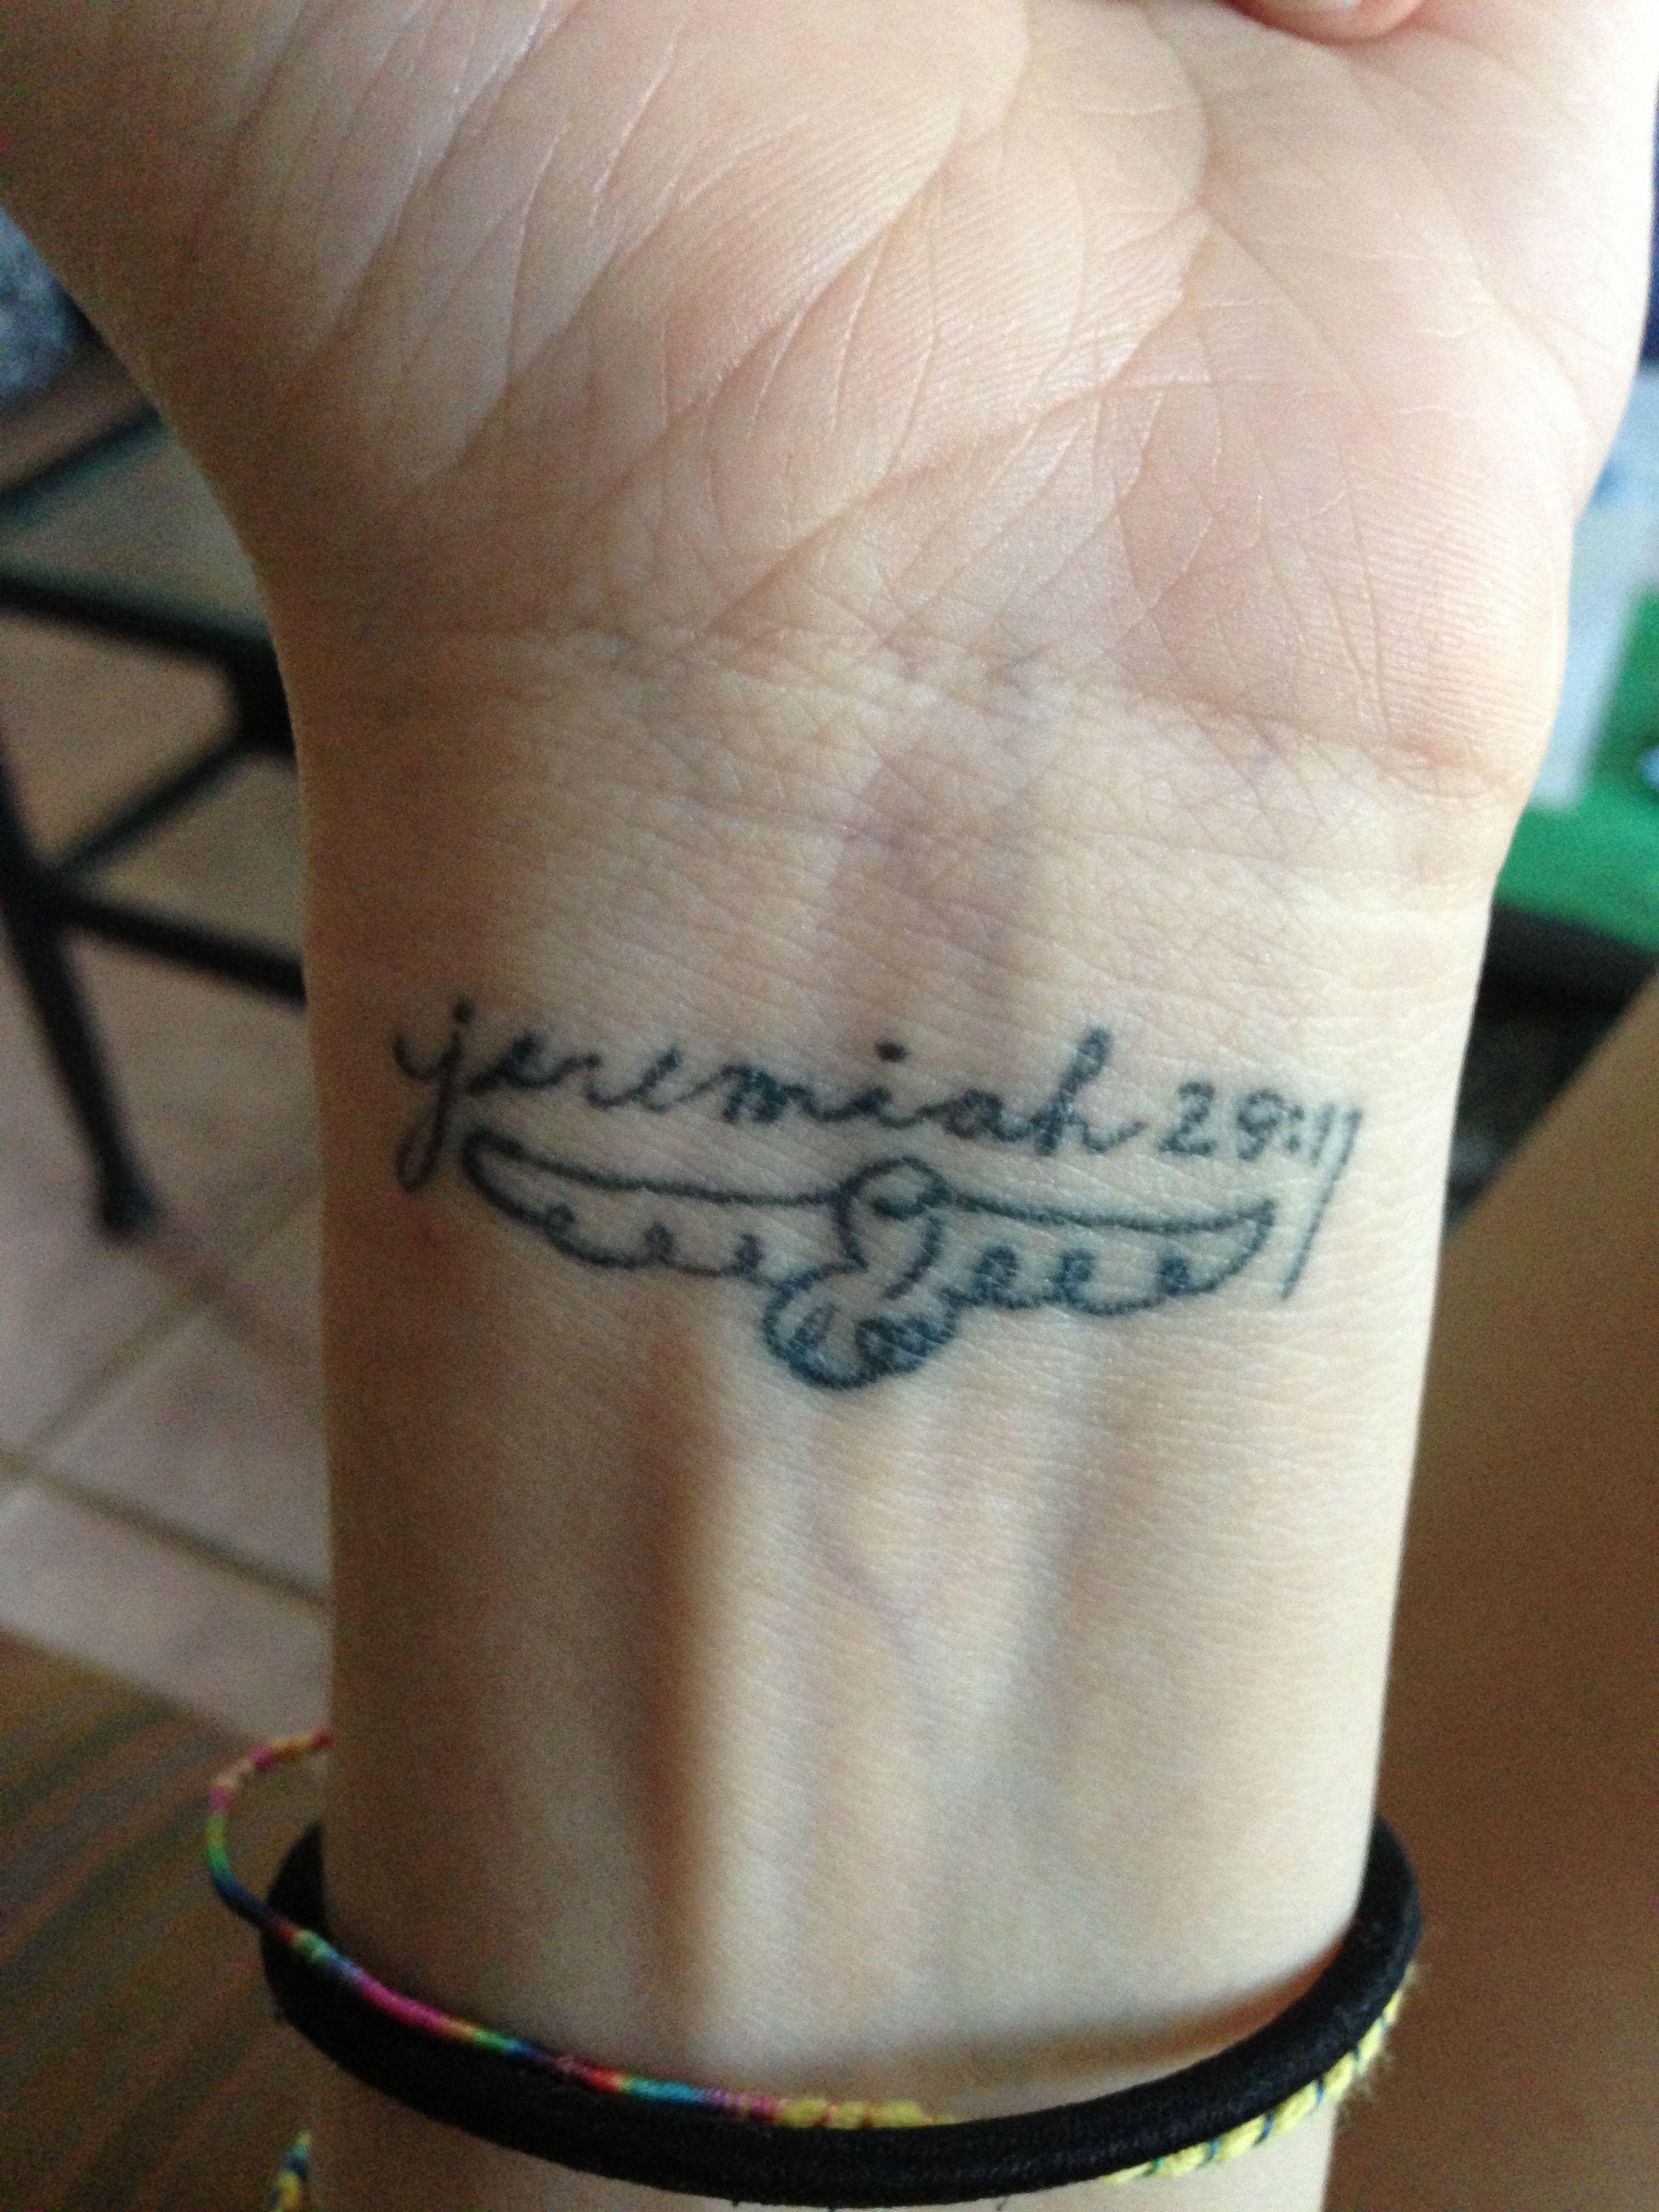 Rich Froning Tattoo Font Ebedafbda